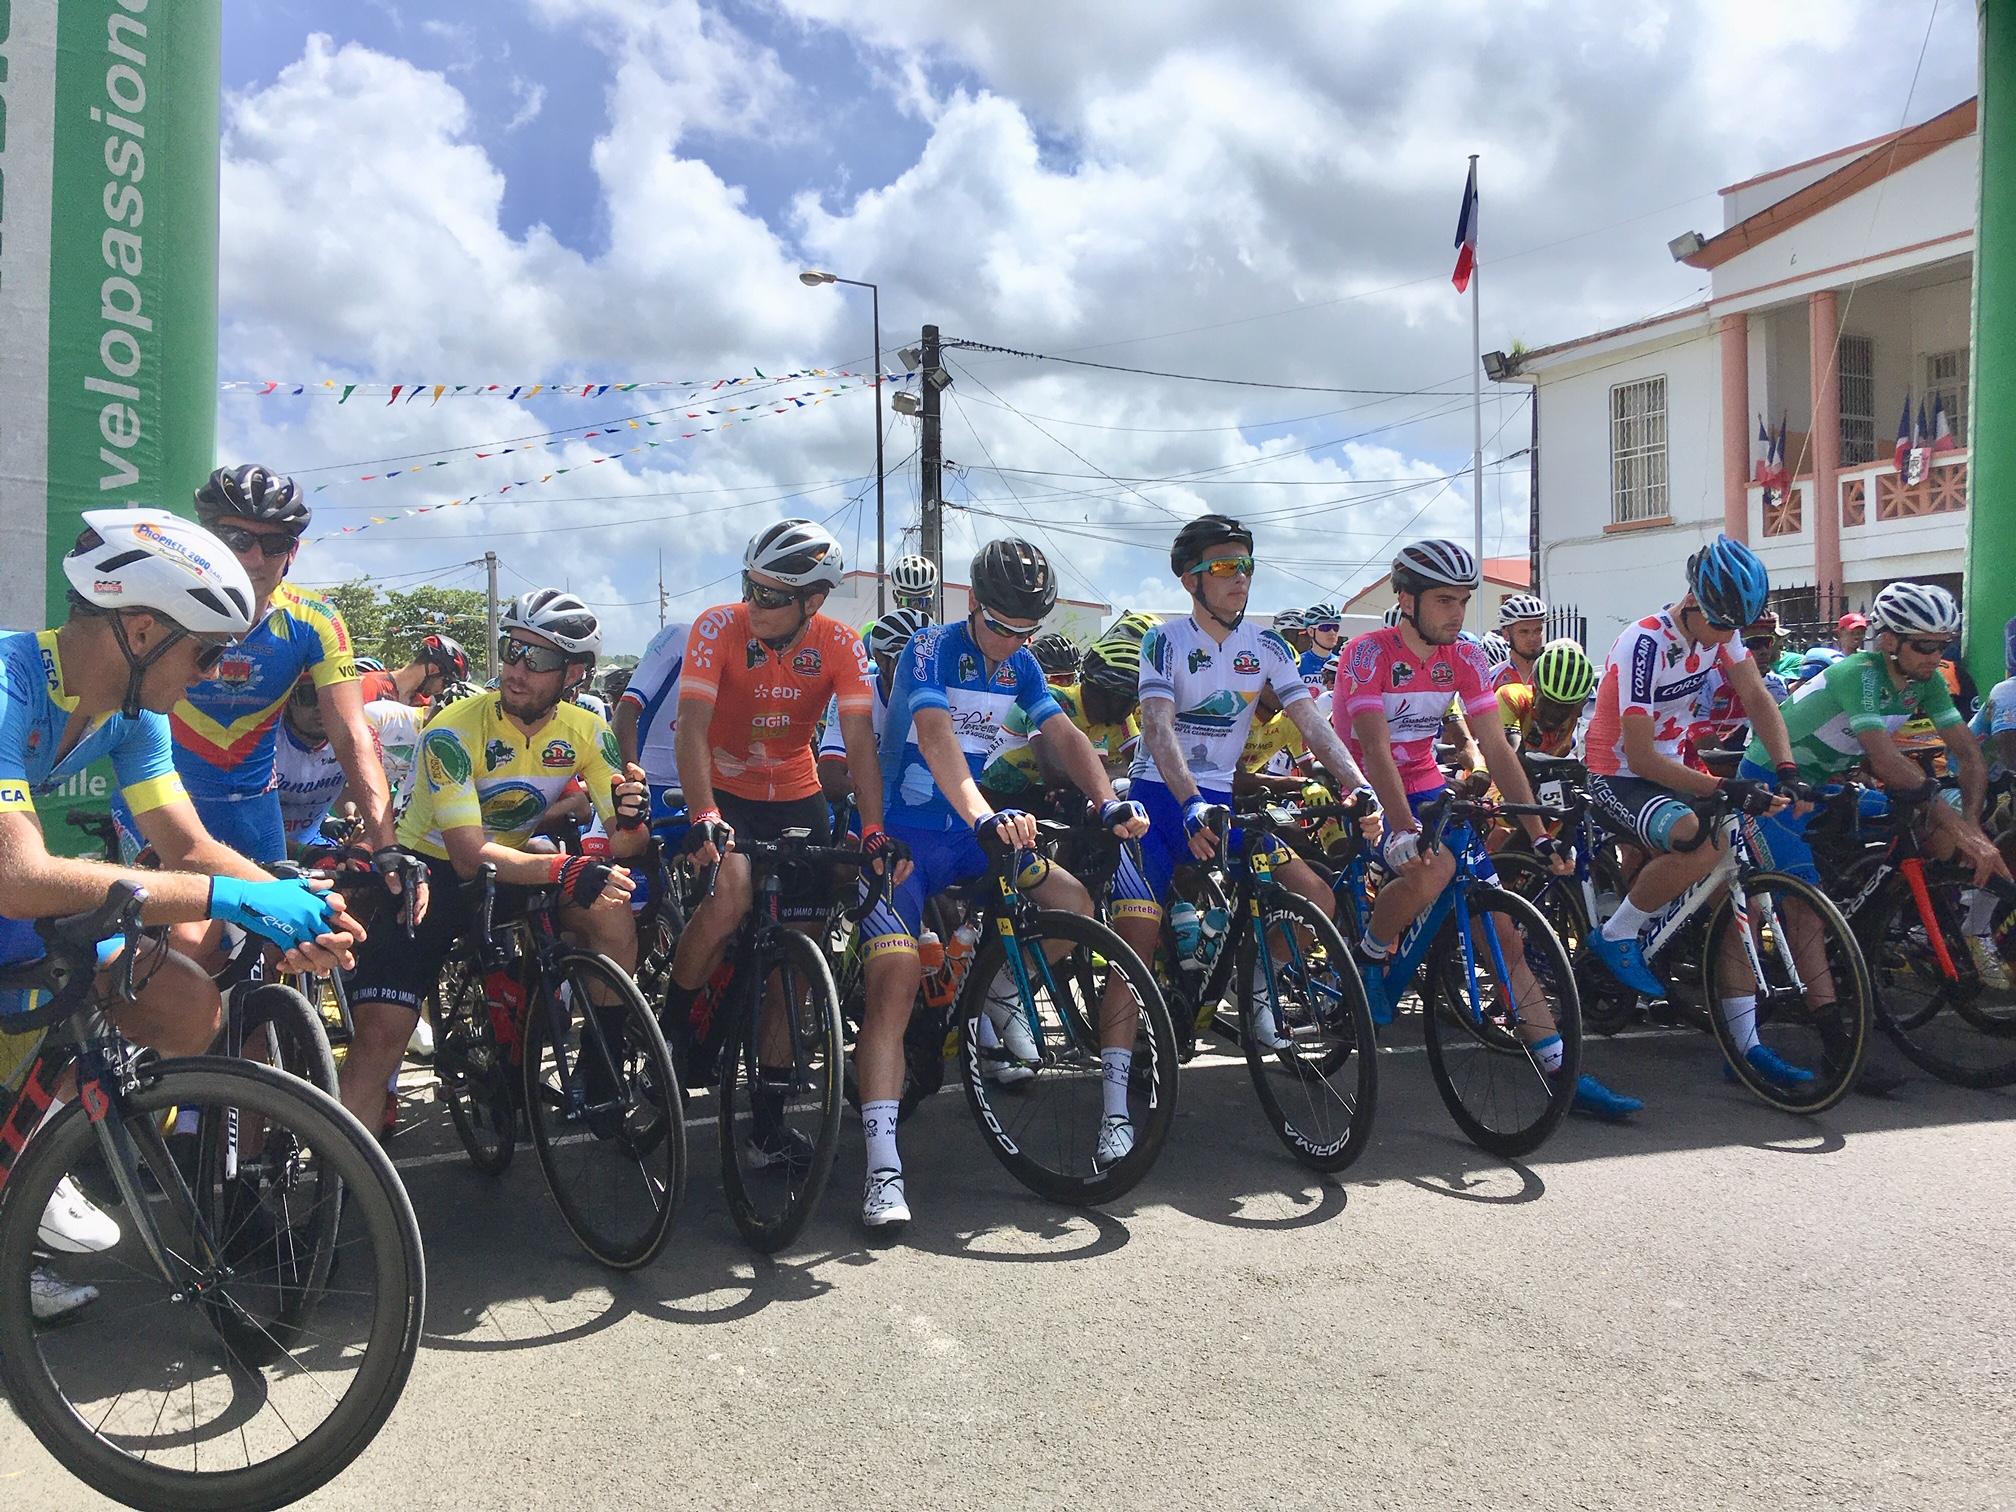 Jhonathan Salinas gagne à Basse-Terre... Revivez l'étape minute par minute.